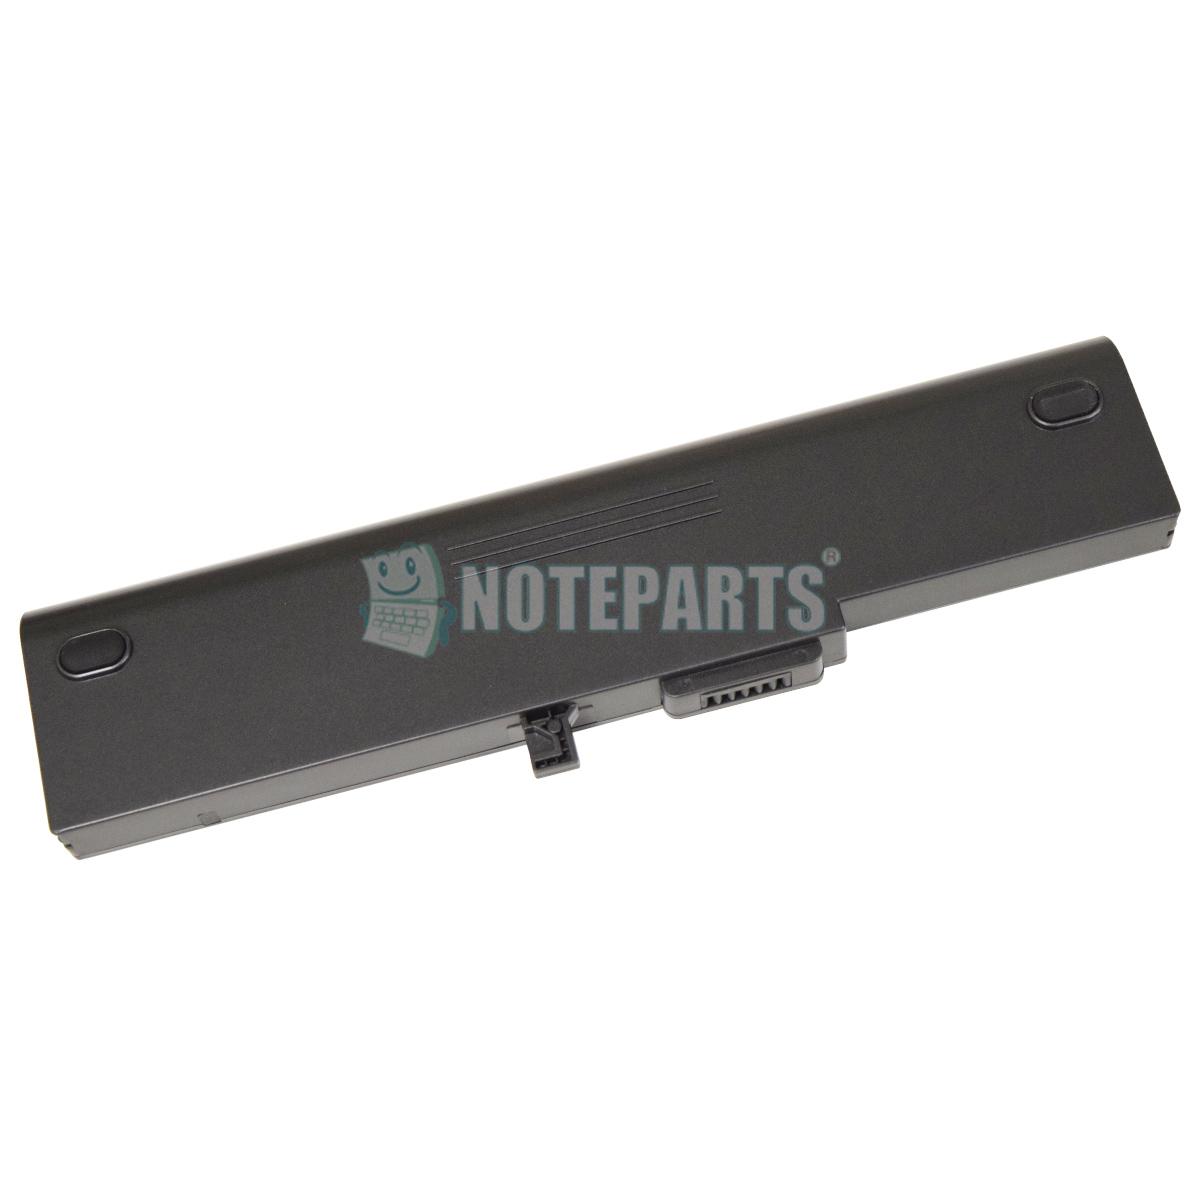 Sony ソニー VAIO バイオ type T バッテリー VGP-BPS5 VGP-BPS5A対応